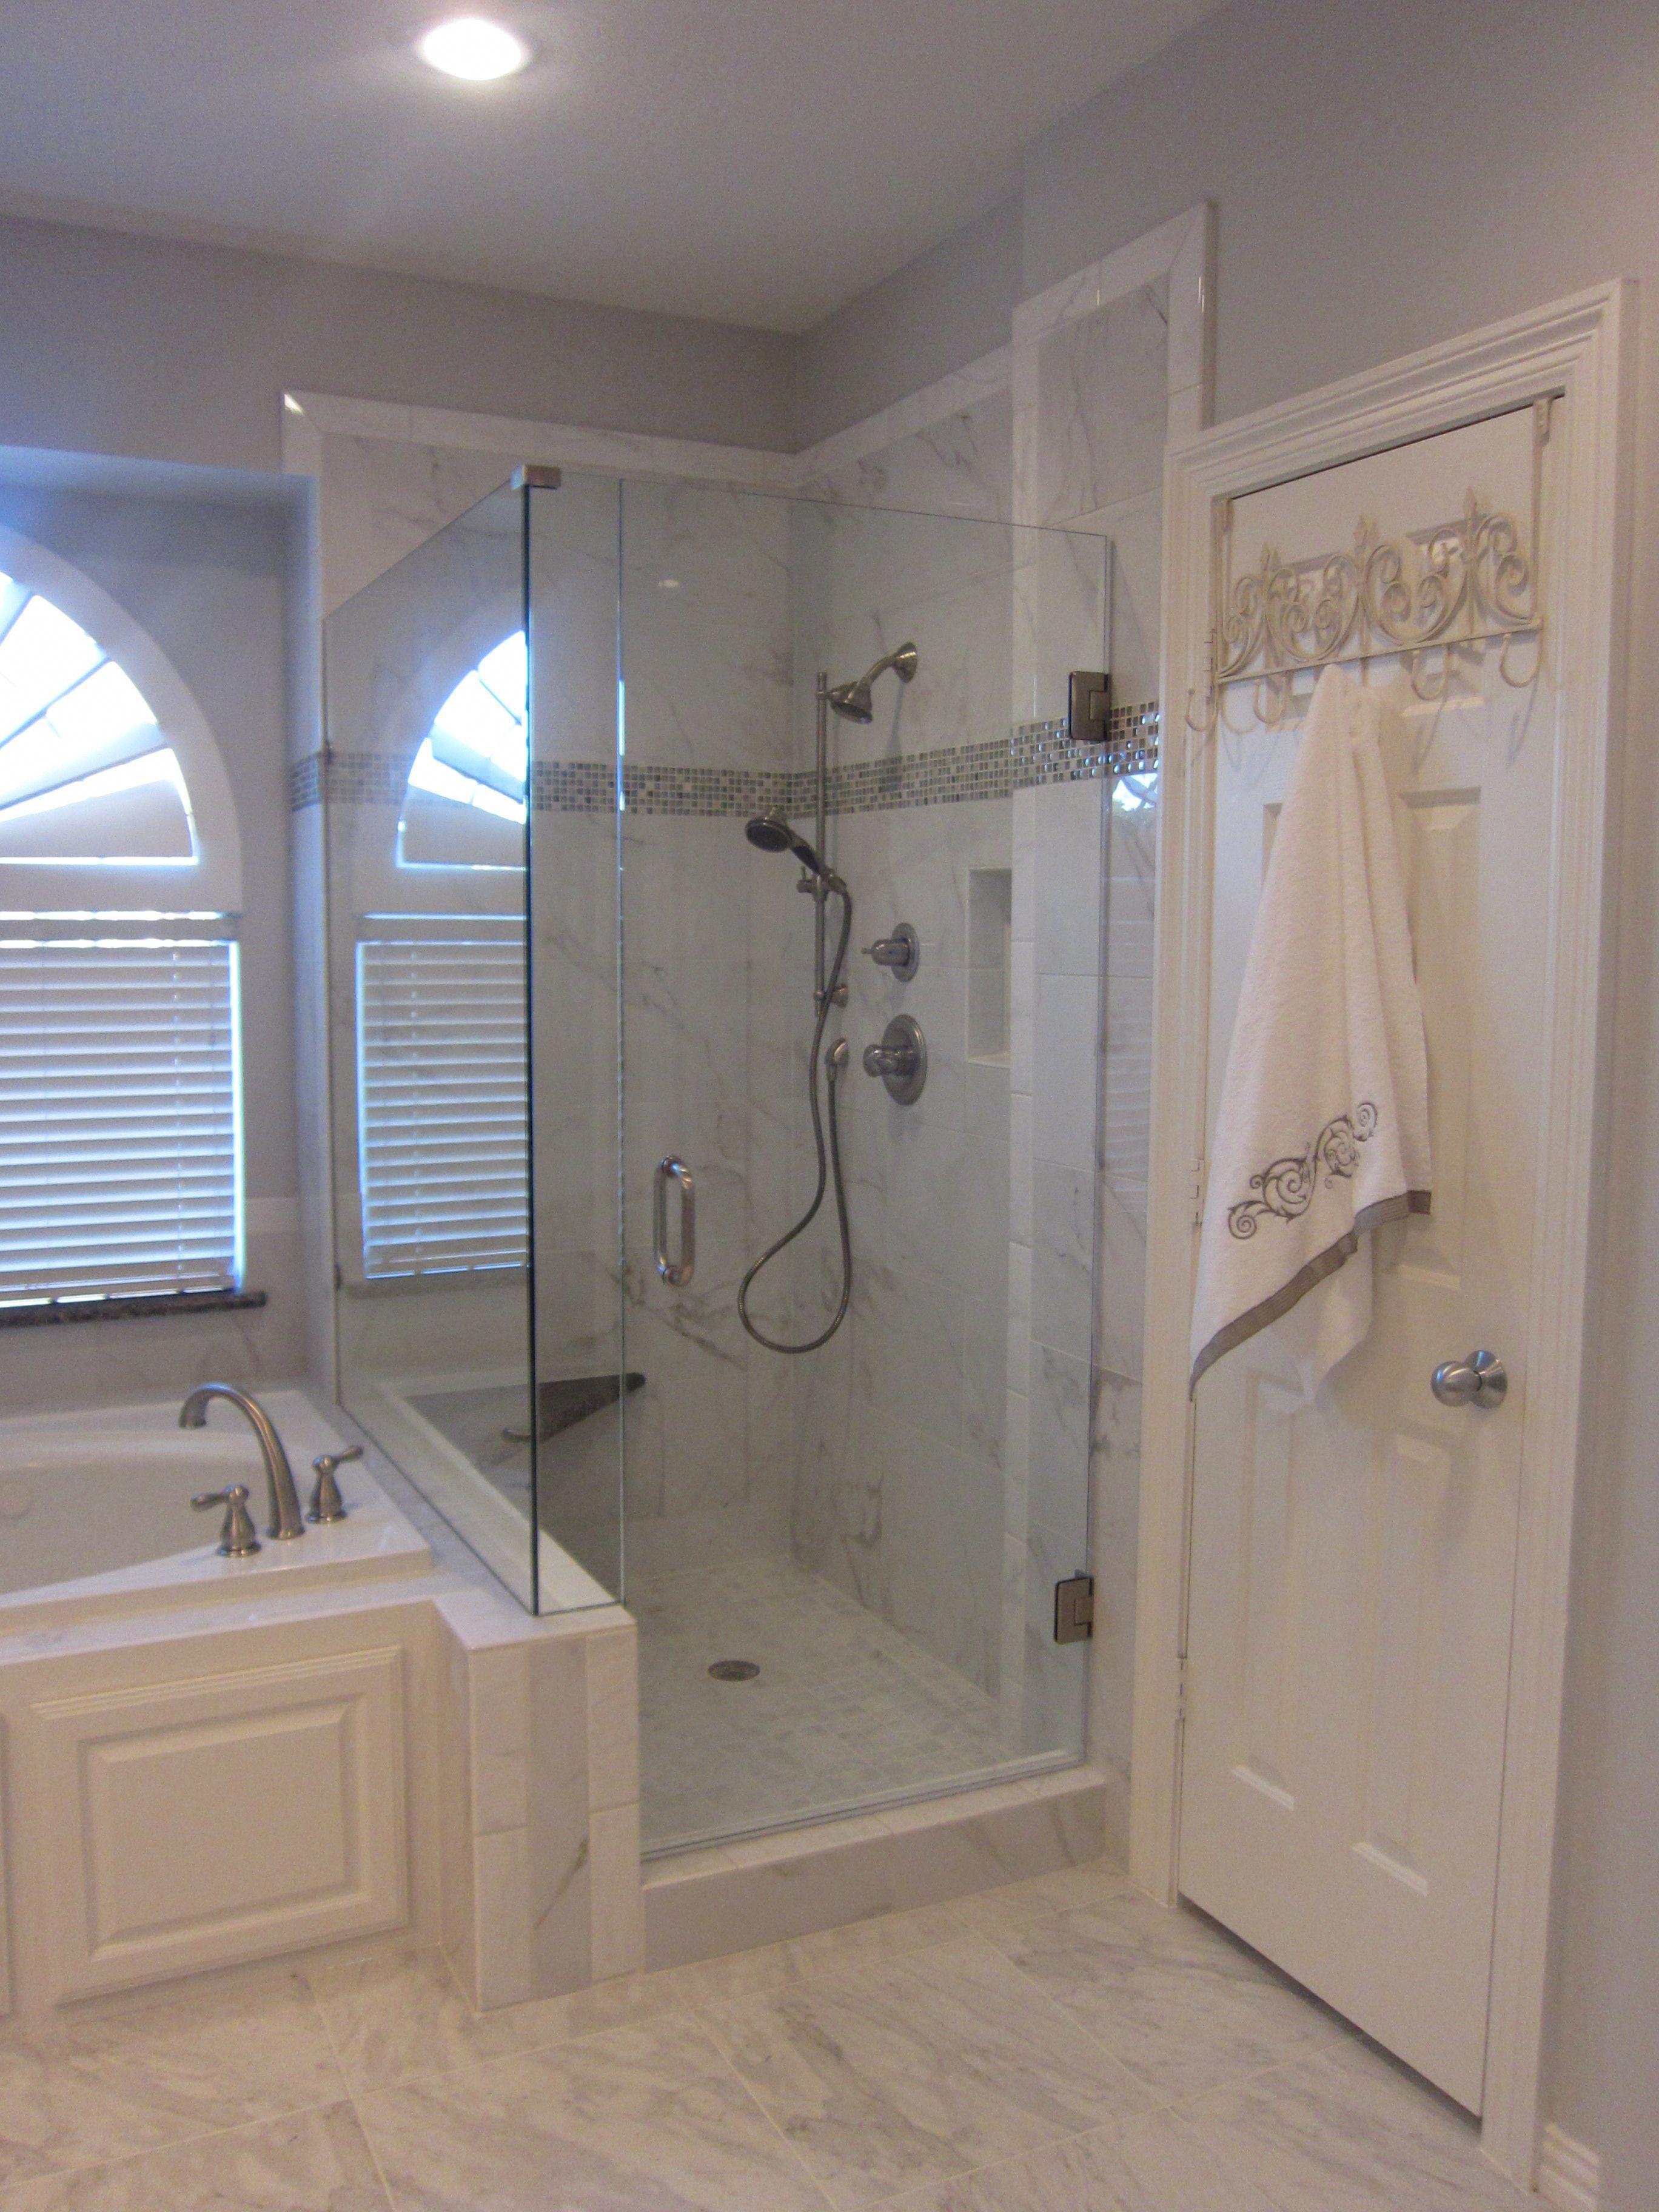 Side By Side Shower And Tub Shower Tub Bathroom Remodeling Renovation Bathroomremodeling Bathroom Remodel Shower Bathrooms Remodel Small Bathroom Remodel